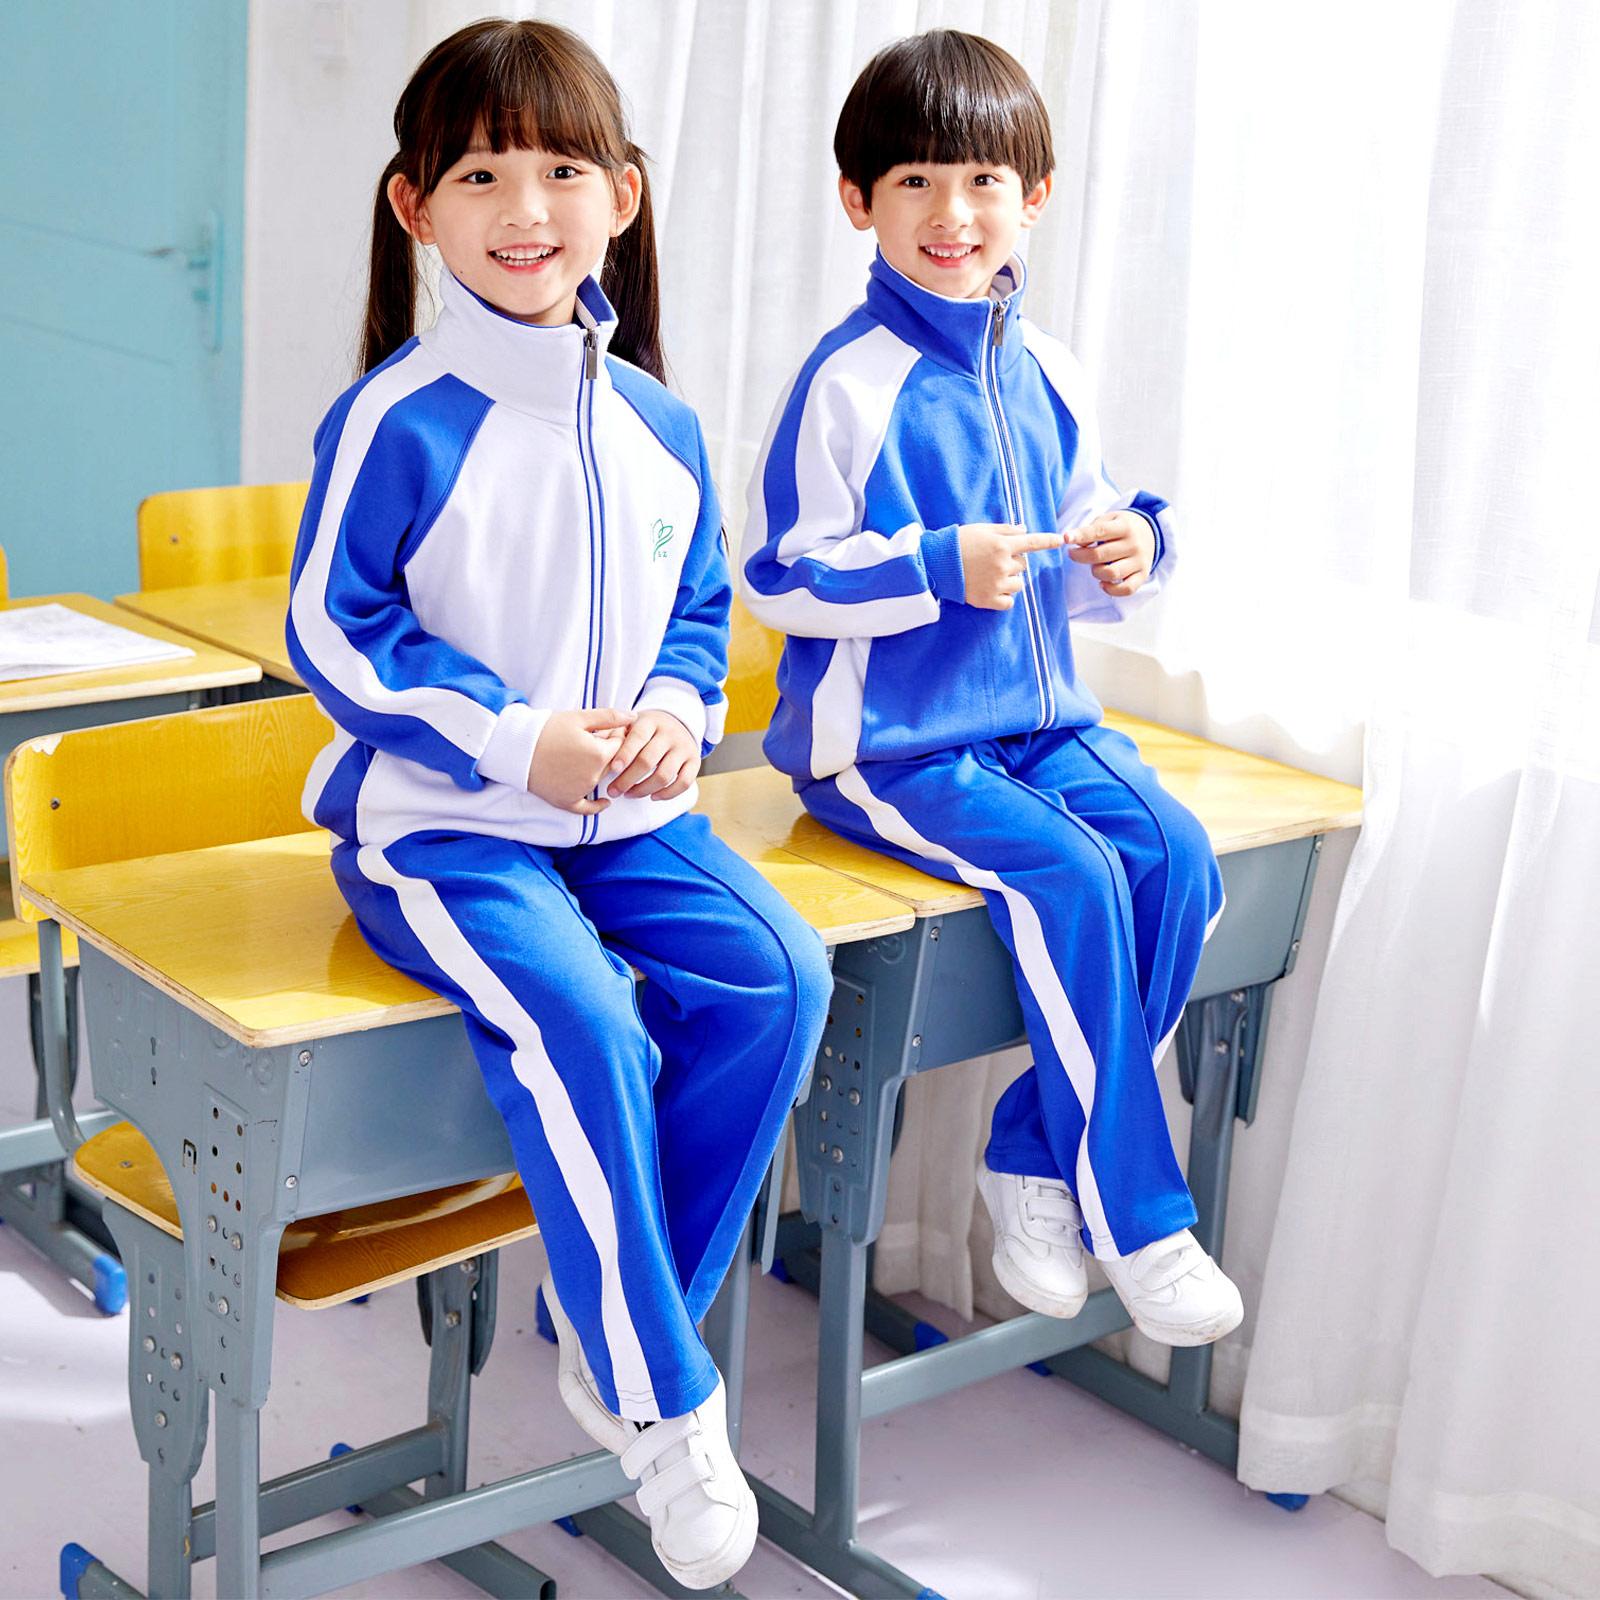 深圳校服小学生秋冬季男孩女孩长袖长裤长裤小学统一深圳校服套装